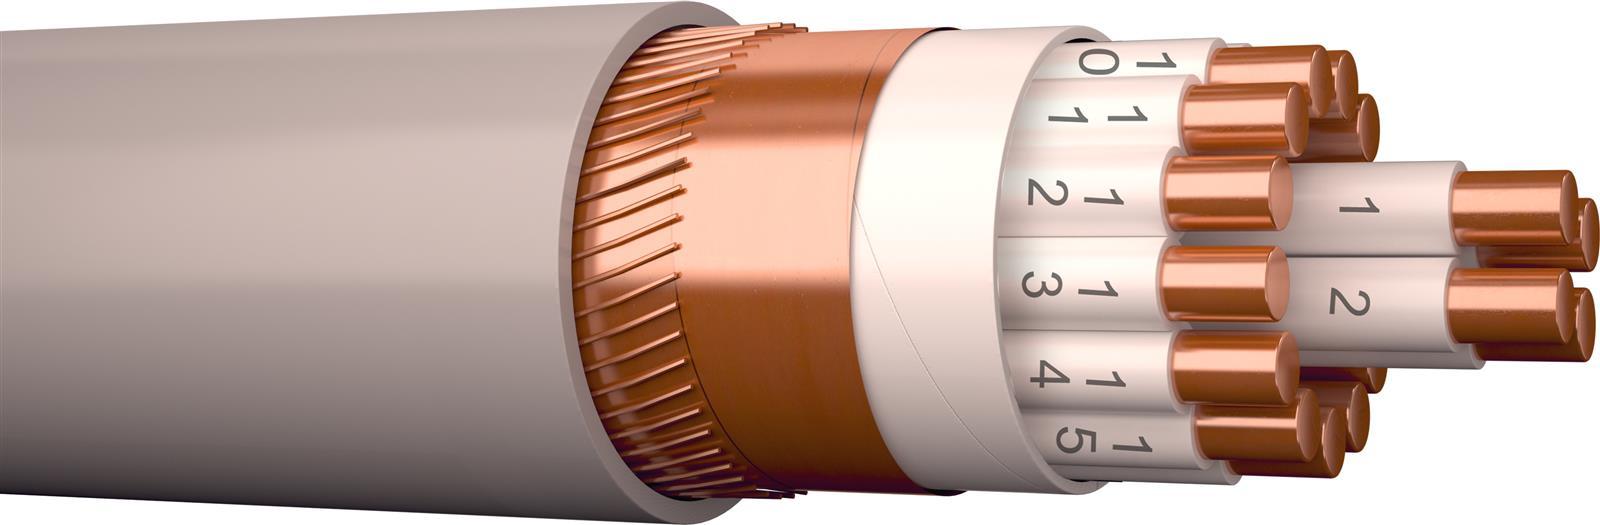 EQFR-EMC PURE 27X1,5 T500